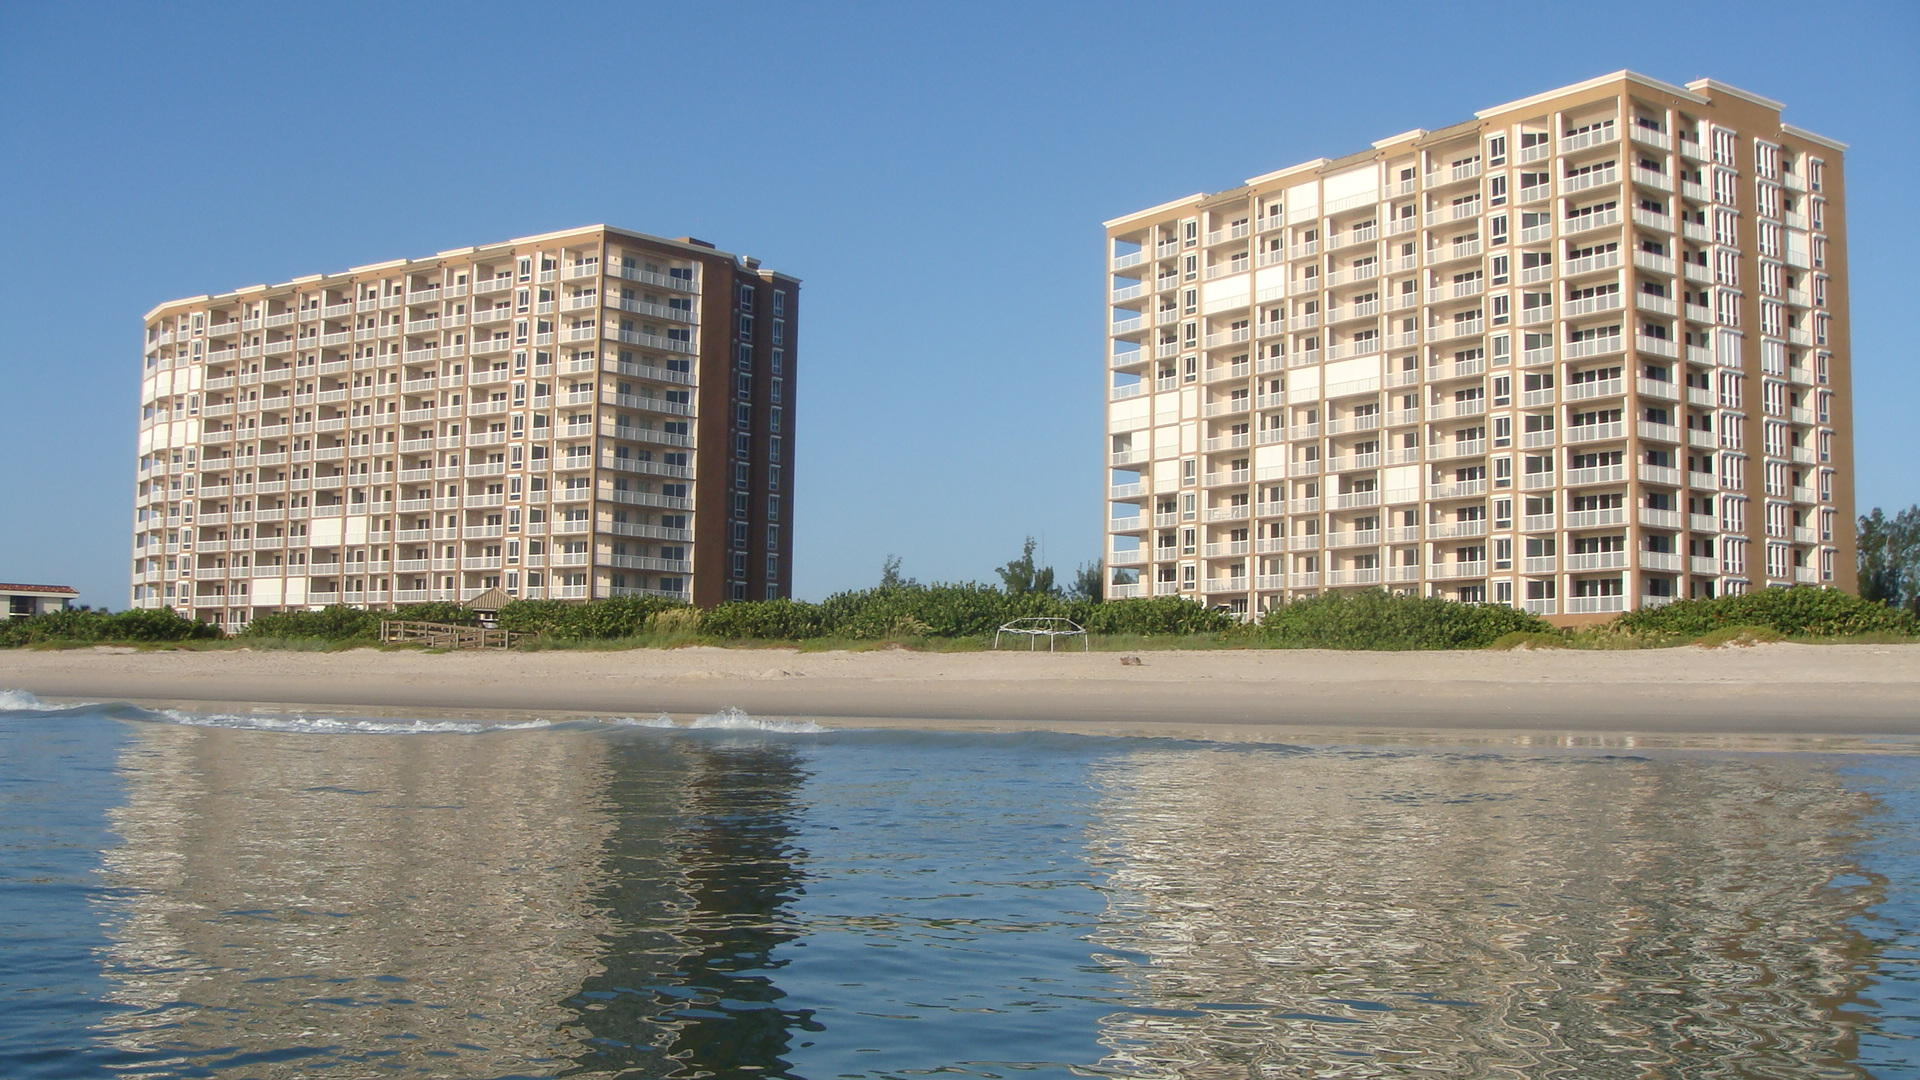 4180 A1a Hutchinson Island 34949